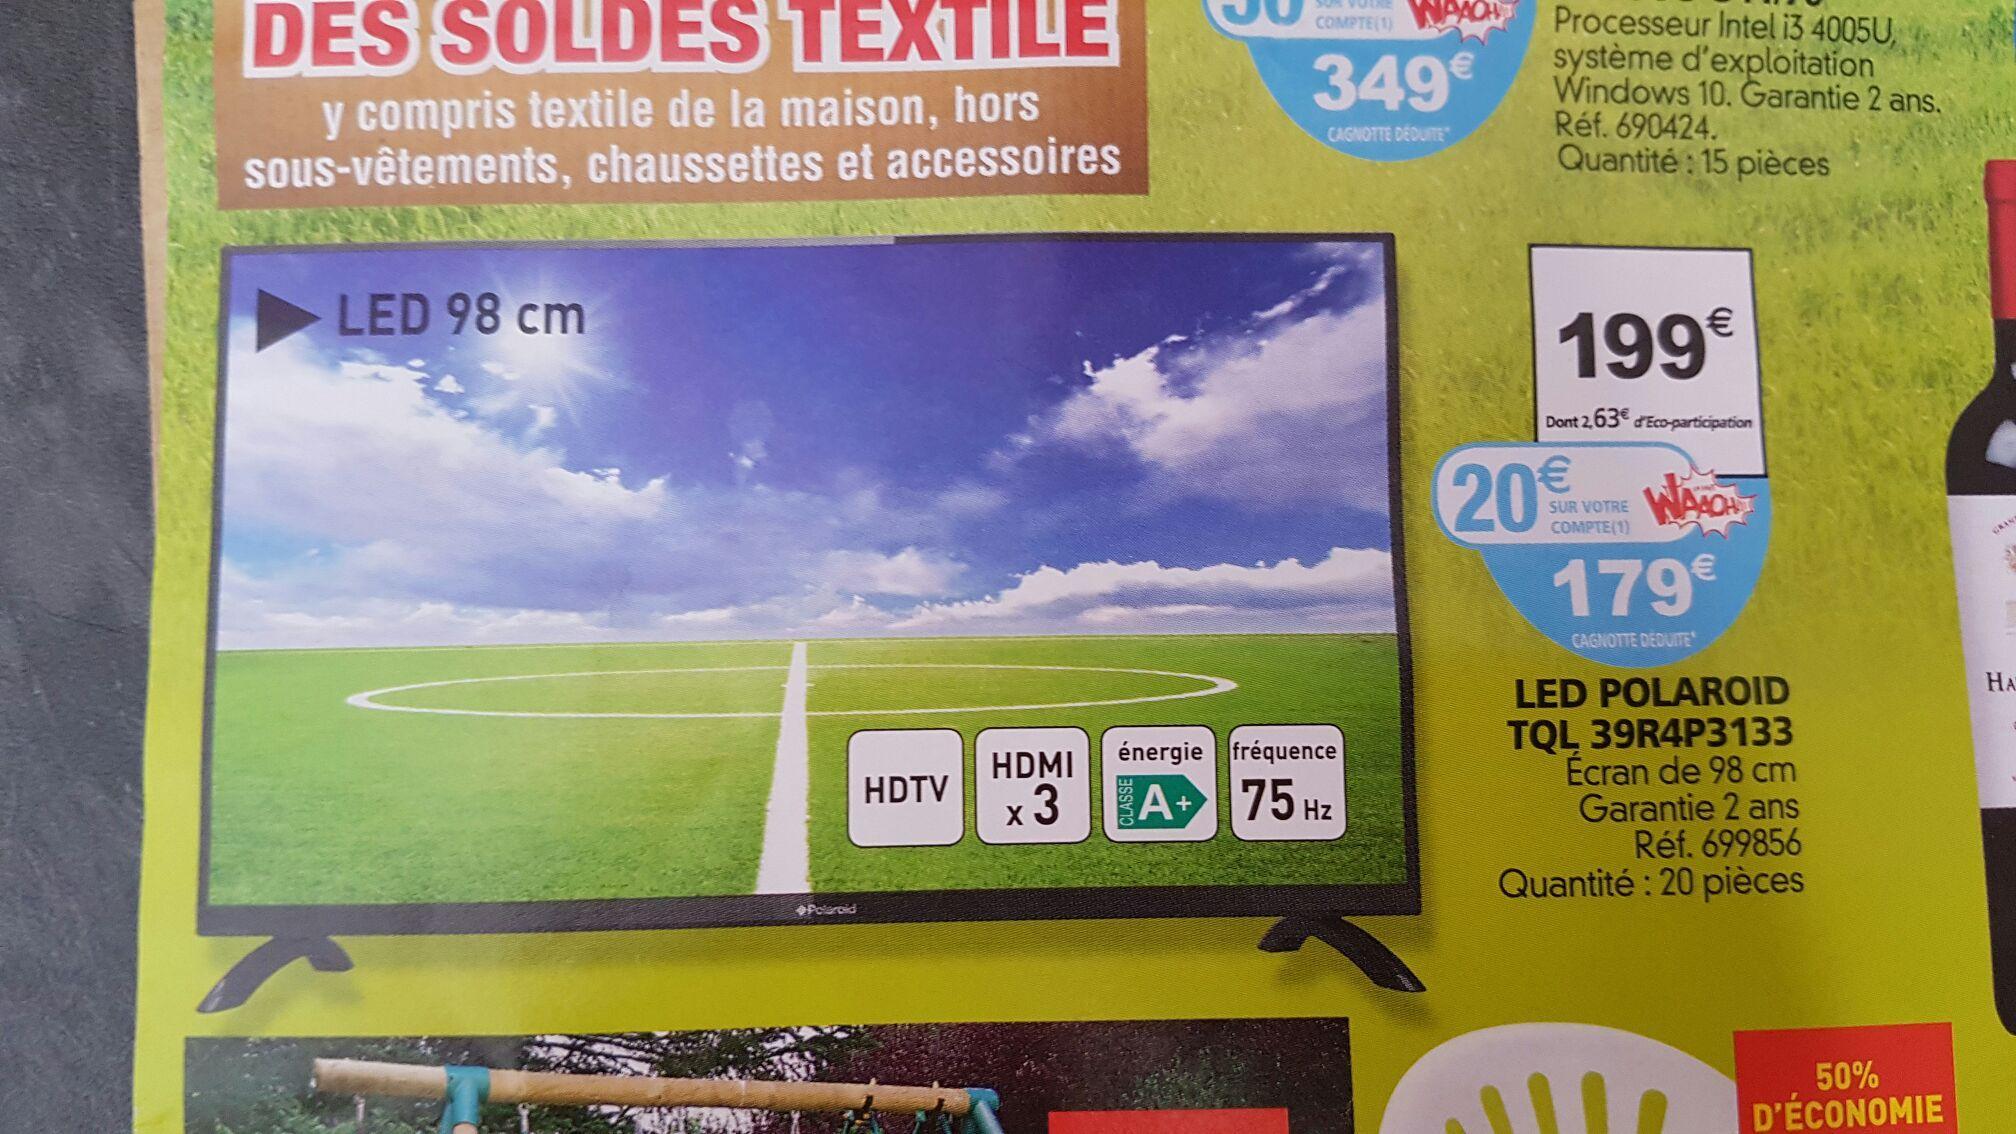 """TV 39"""" Polaroid Tql 39r4p3133 (avec 20€ sur la carte de fidélité)"""